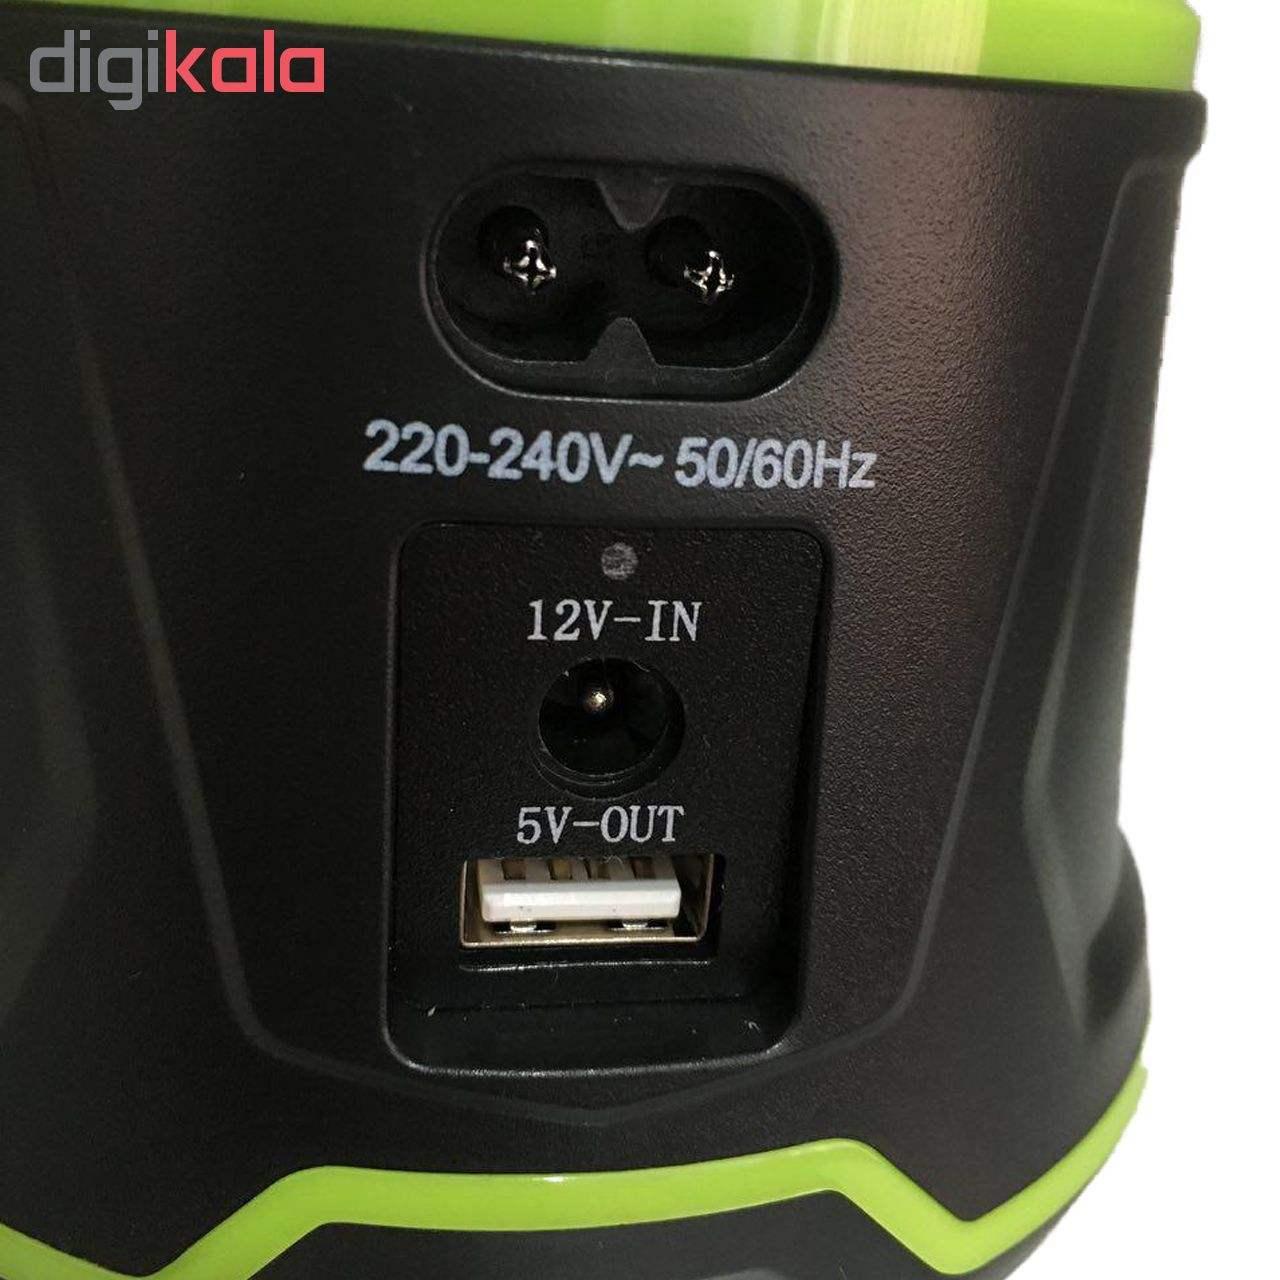 چراغ فانوشی دیپکینگ مدل DK-437